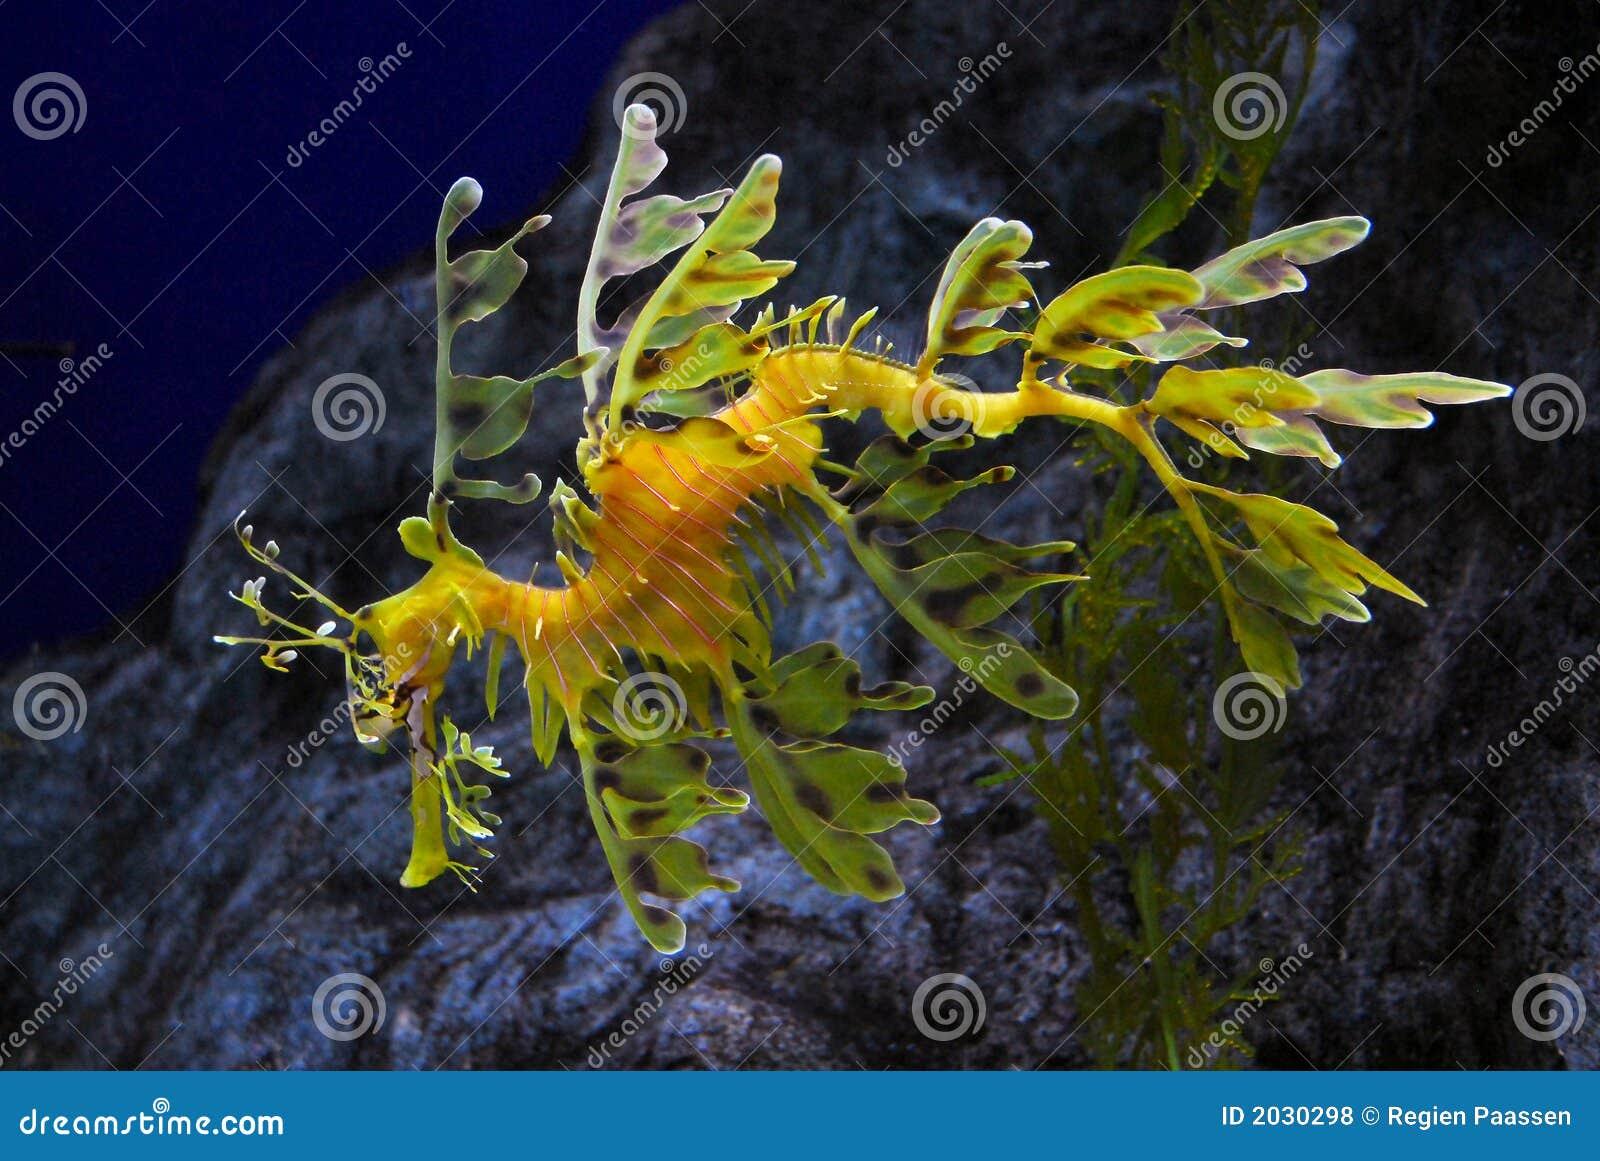 Seadragon frondoso